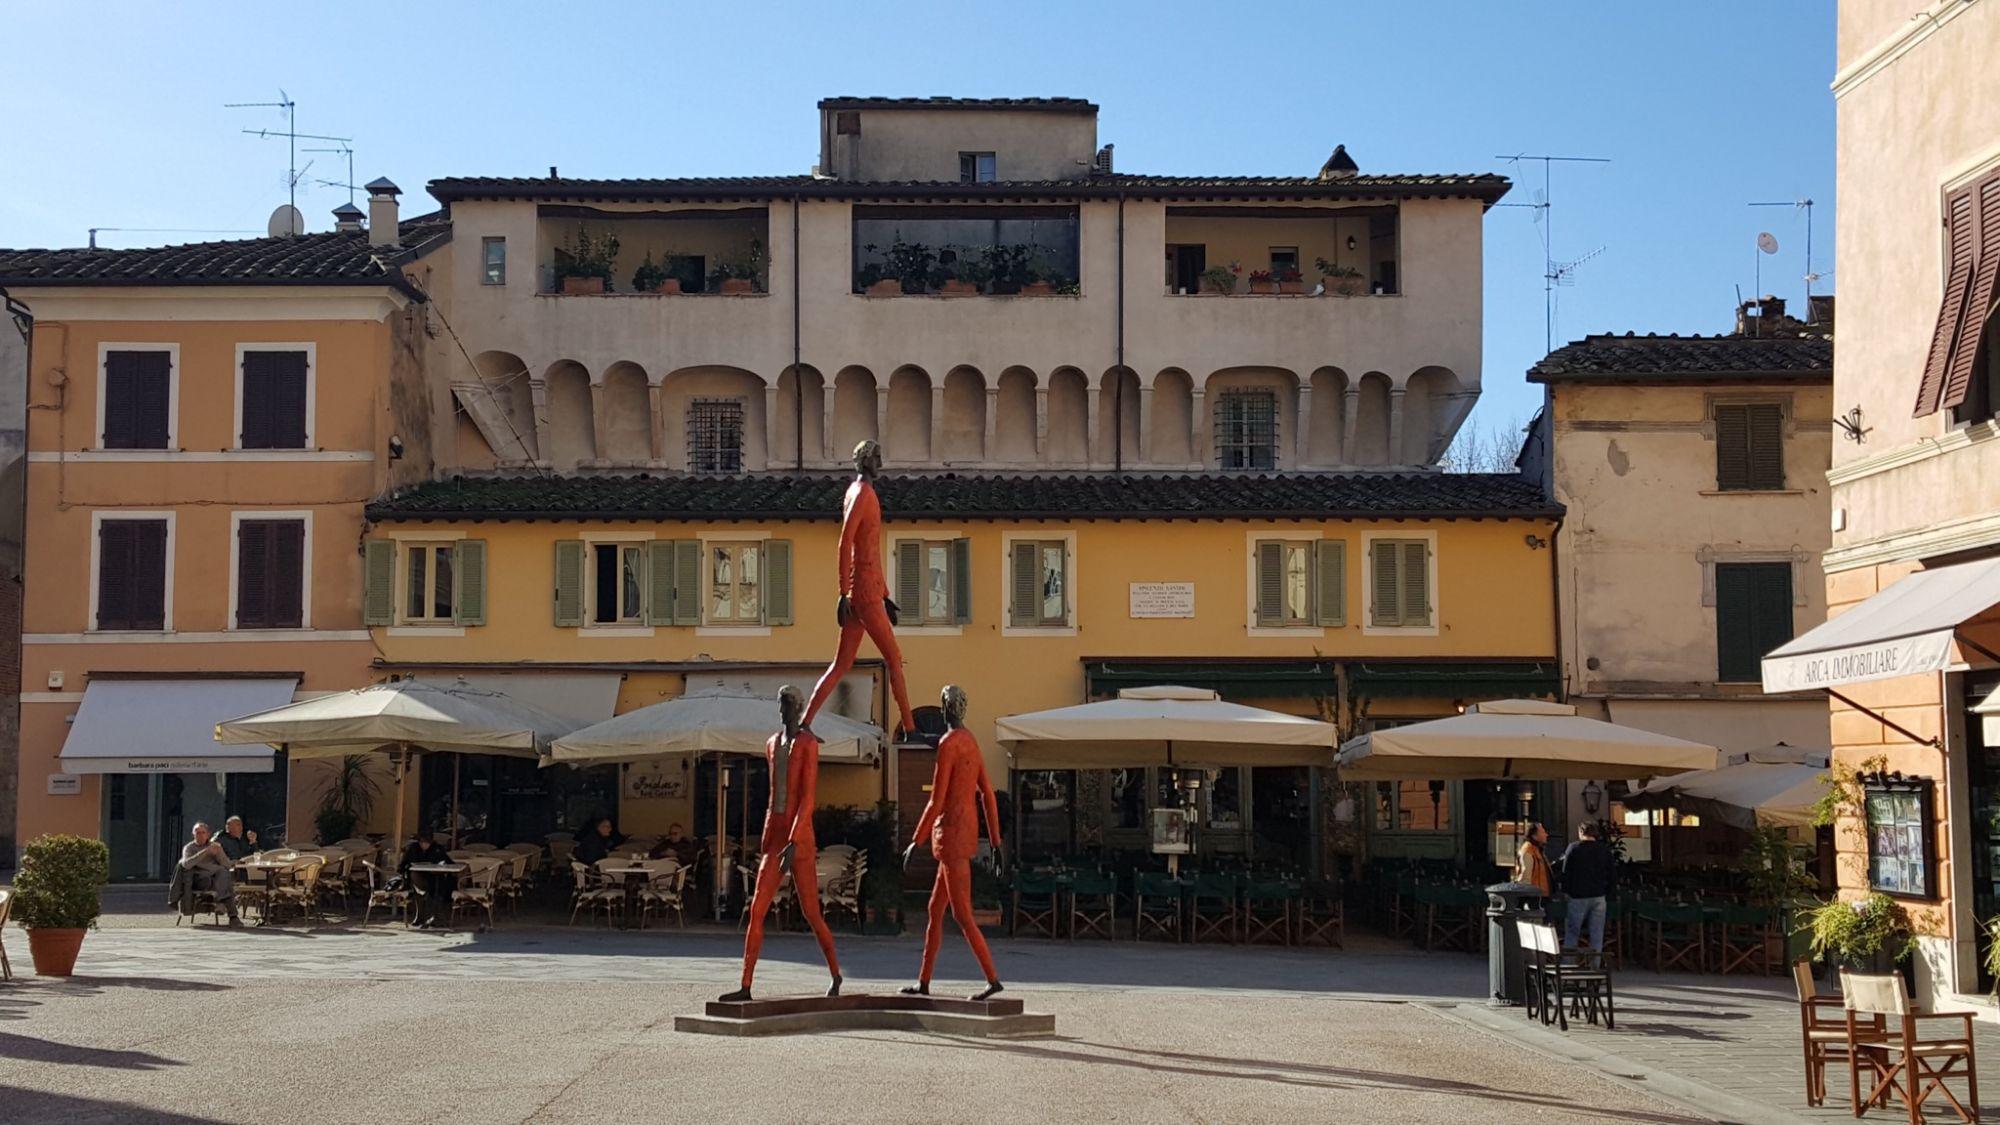 La poesia di Barni in Piazza del Duomo, 17 grandi opere in bronzo e tele